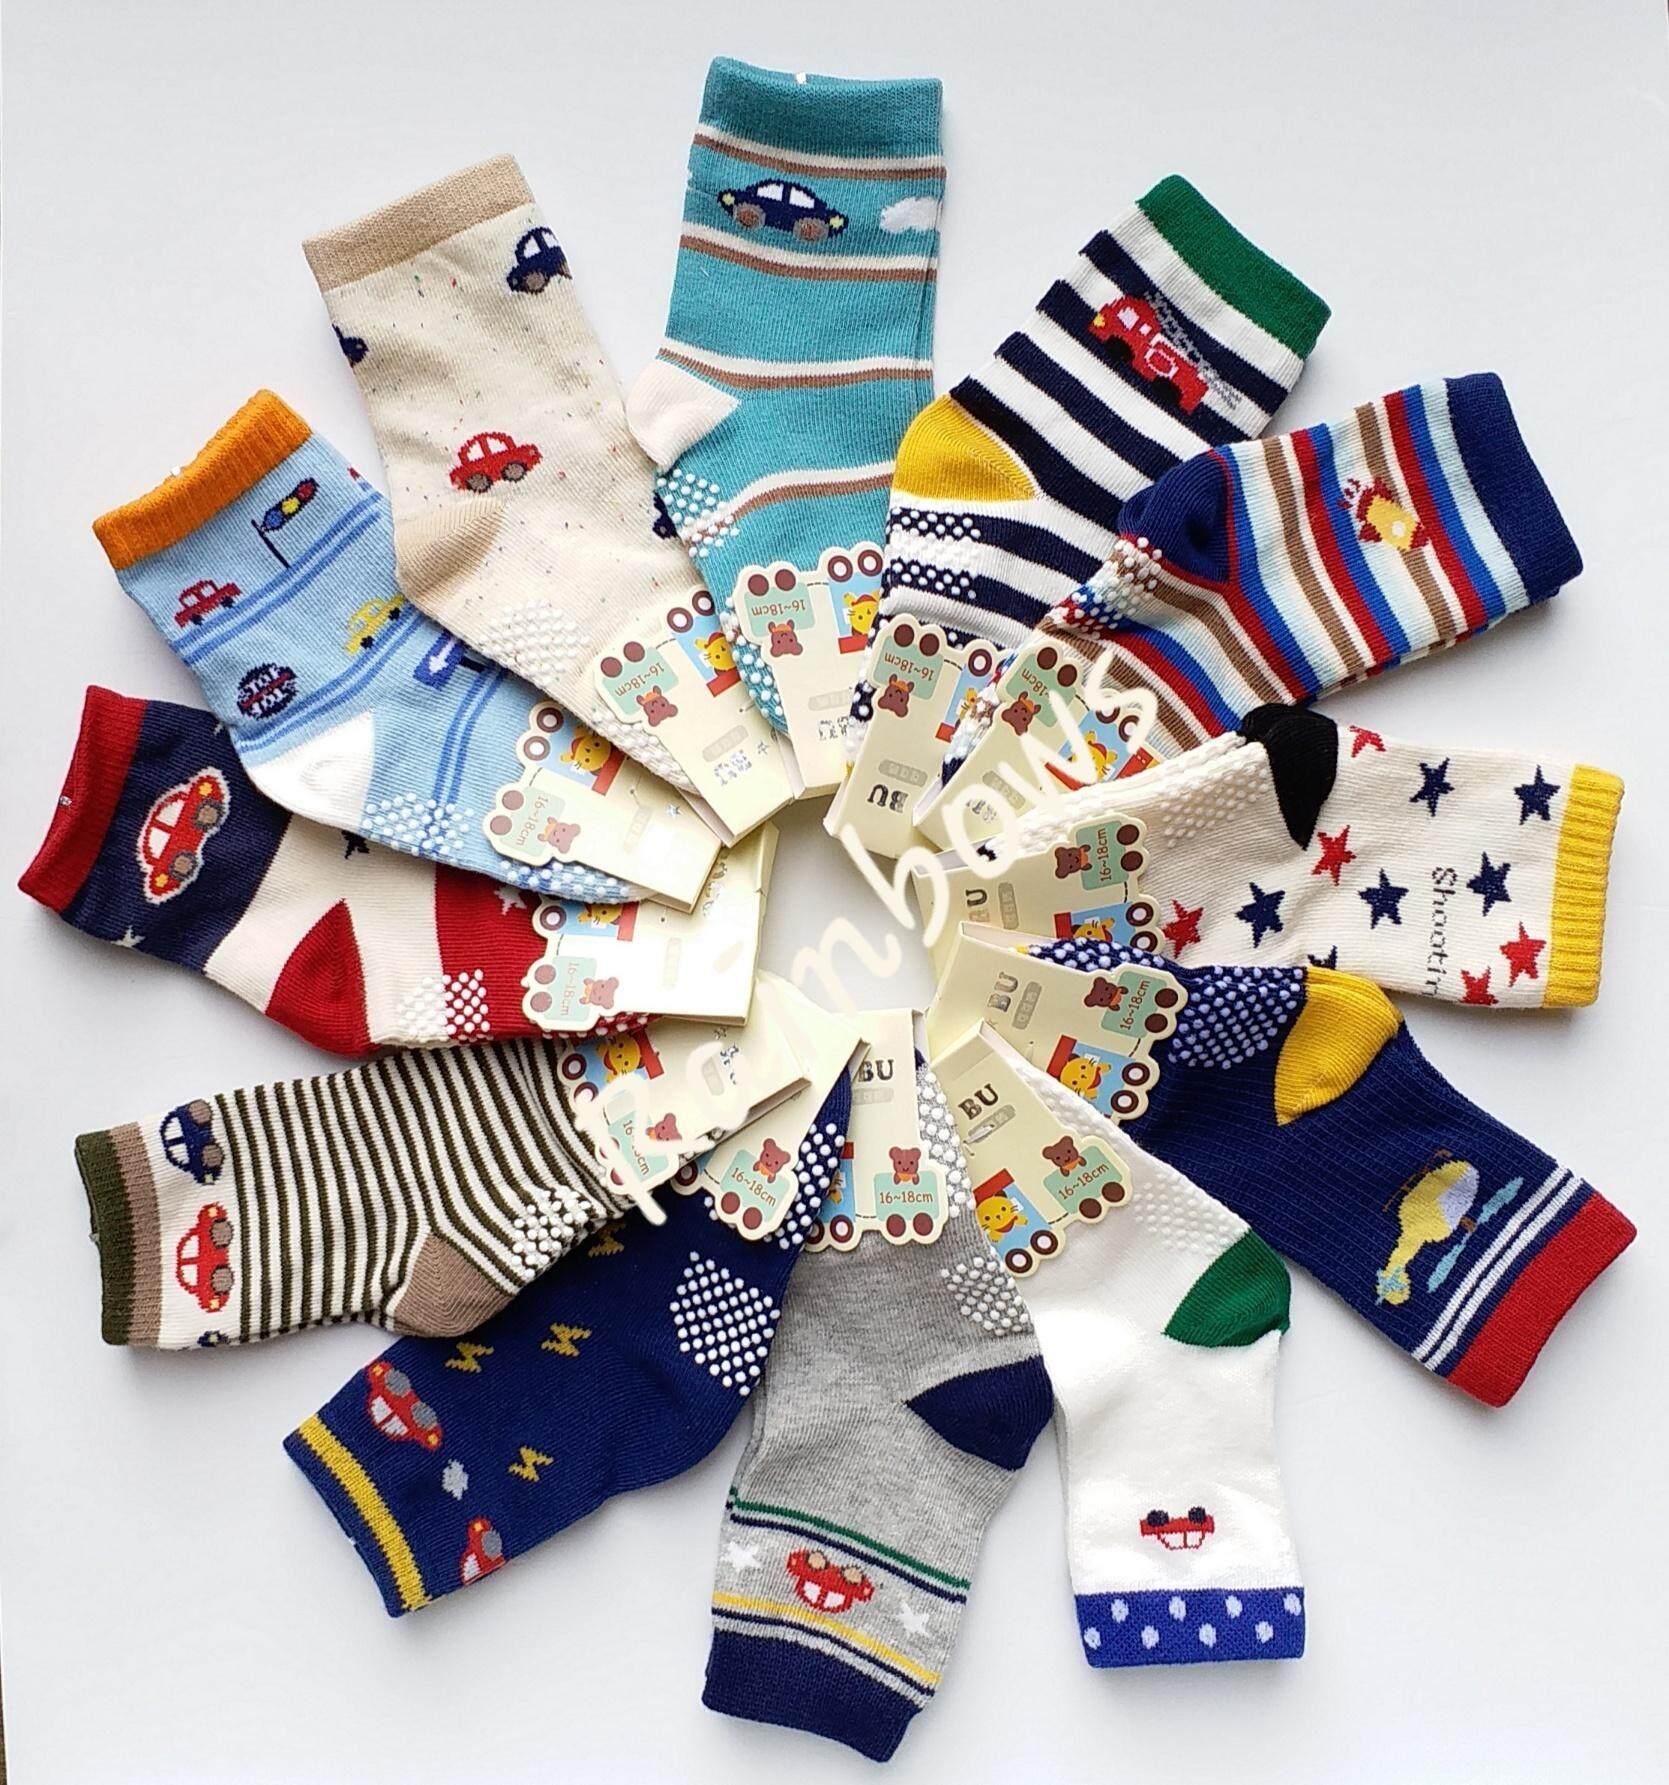 COCO BU ถุงเท้าเด็ก ถุงเท้าเด็กชาย ถุงเท้าลายน่ารัก พื้นมีกันลื่น #ถุงเท้าคุณภาพดี (แพค 12 คู่)